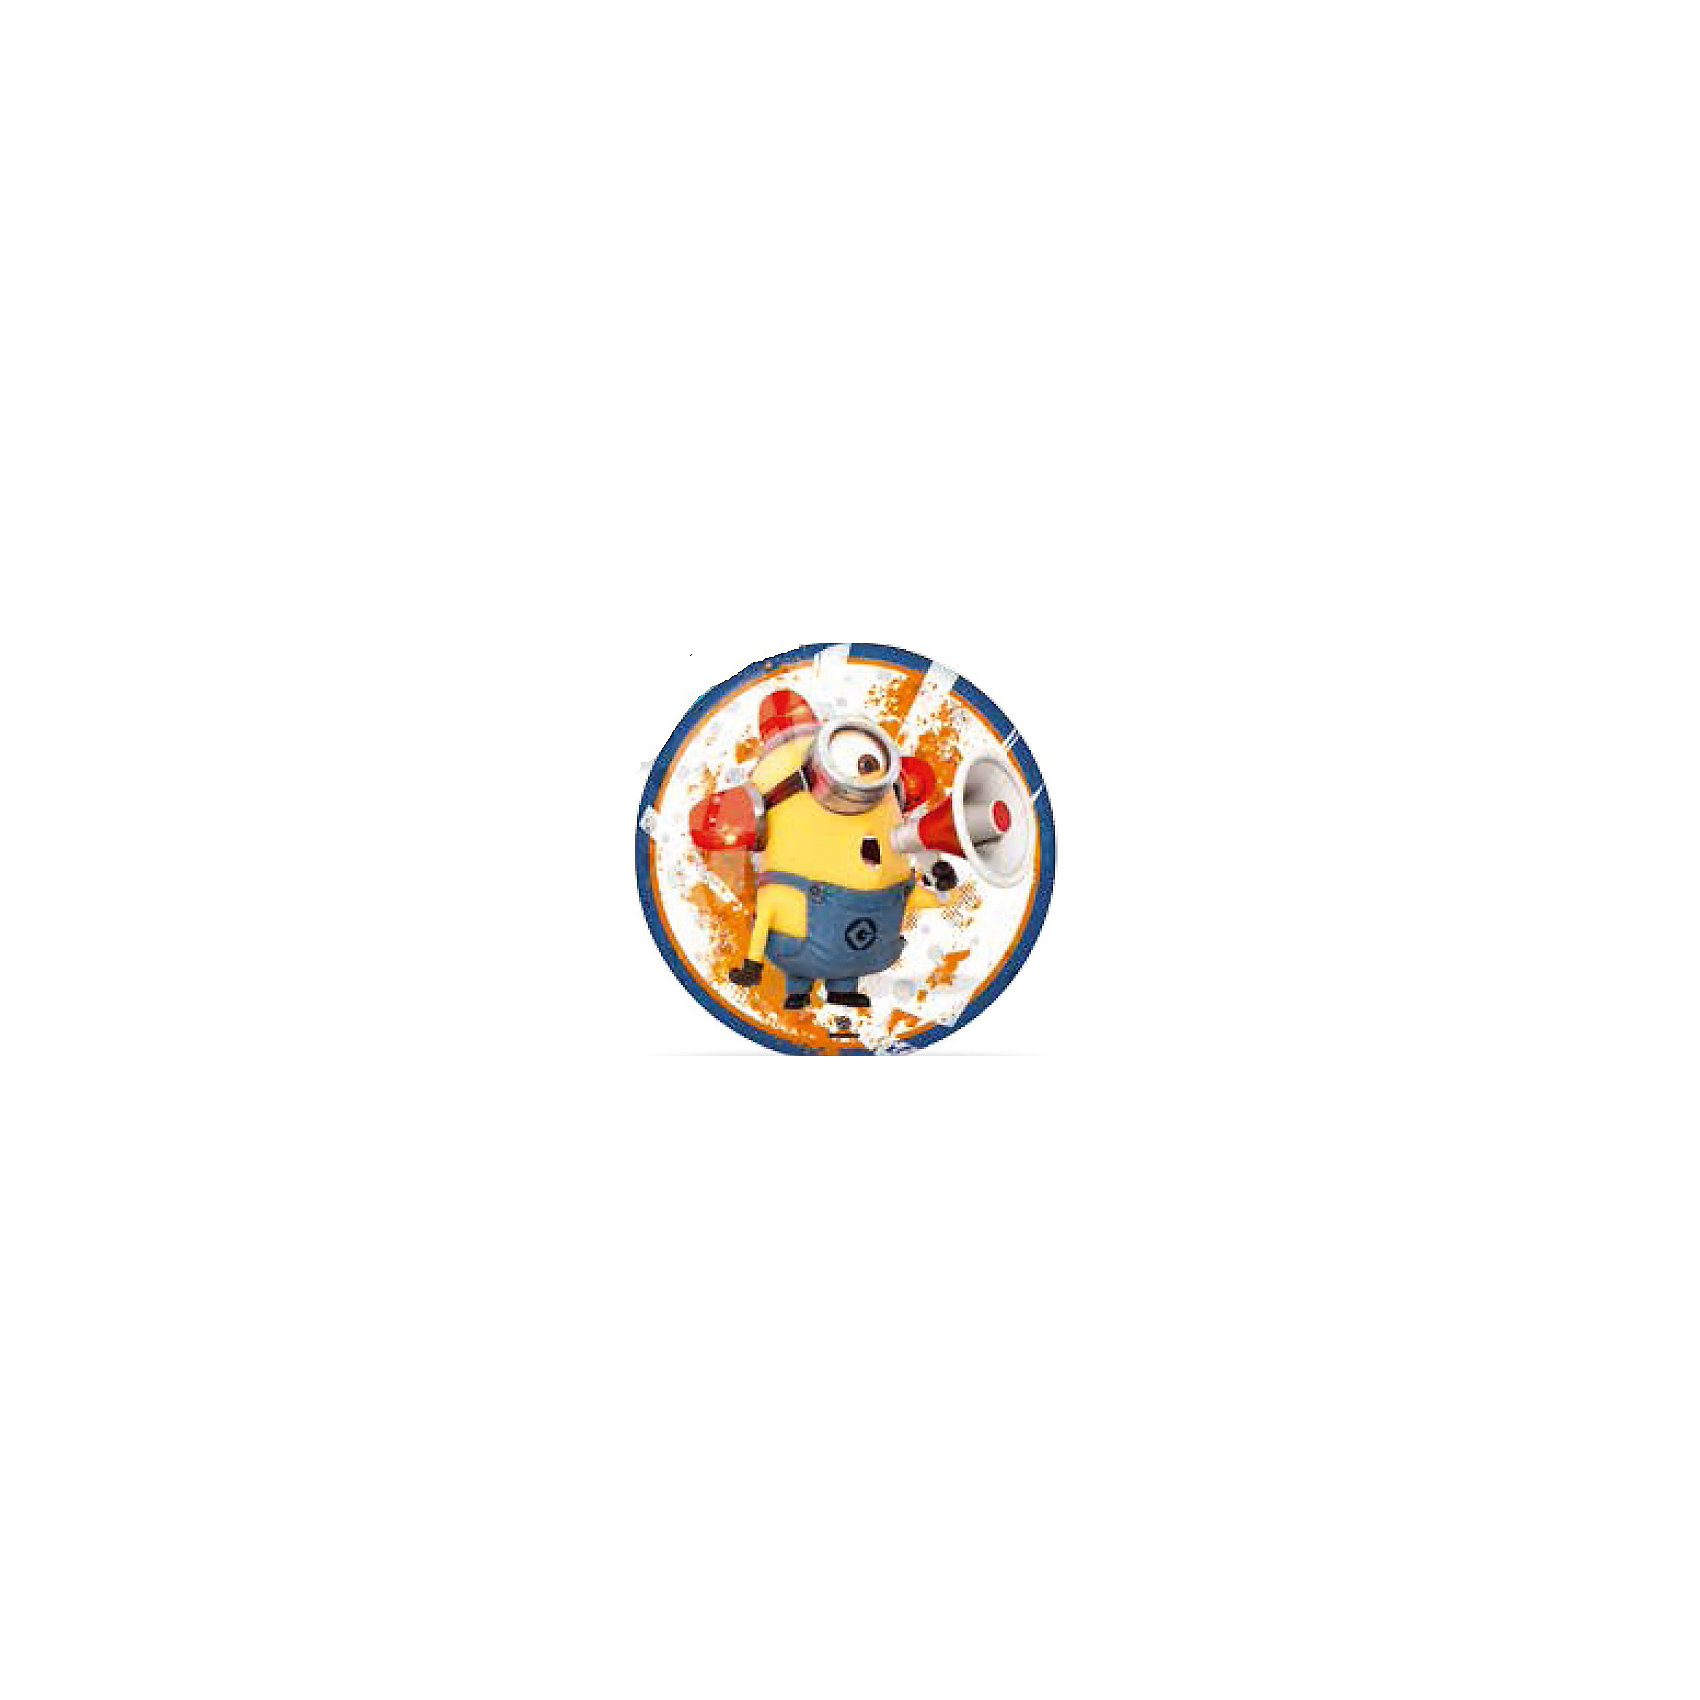 Mondo Мяч Гадкий Я- 2, 14 см,  Mondo мяч mondo тачки 2